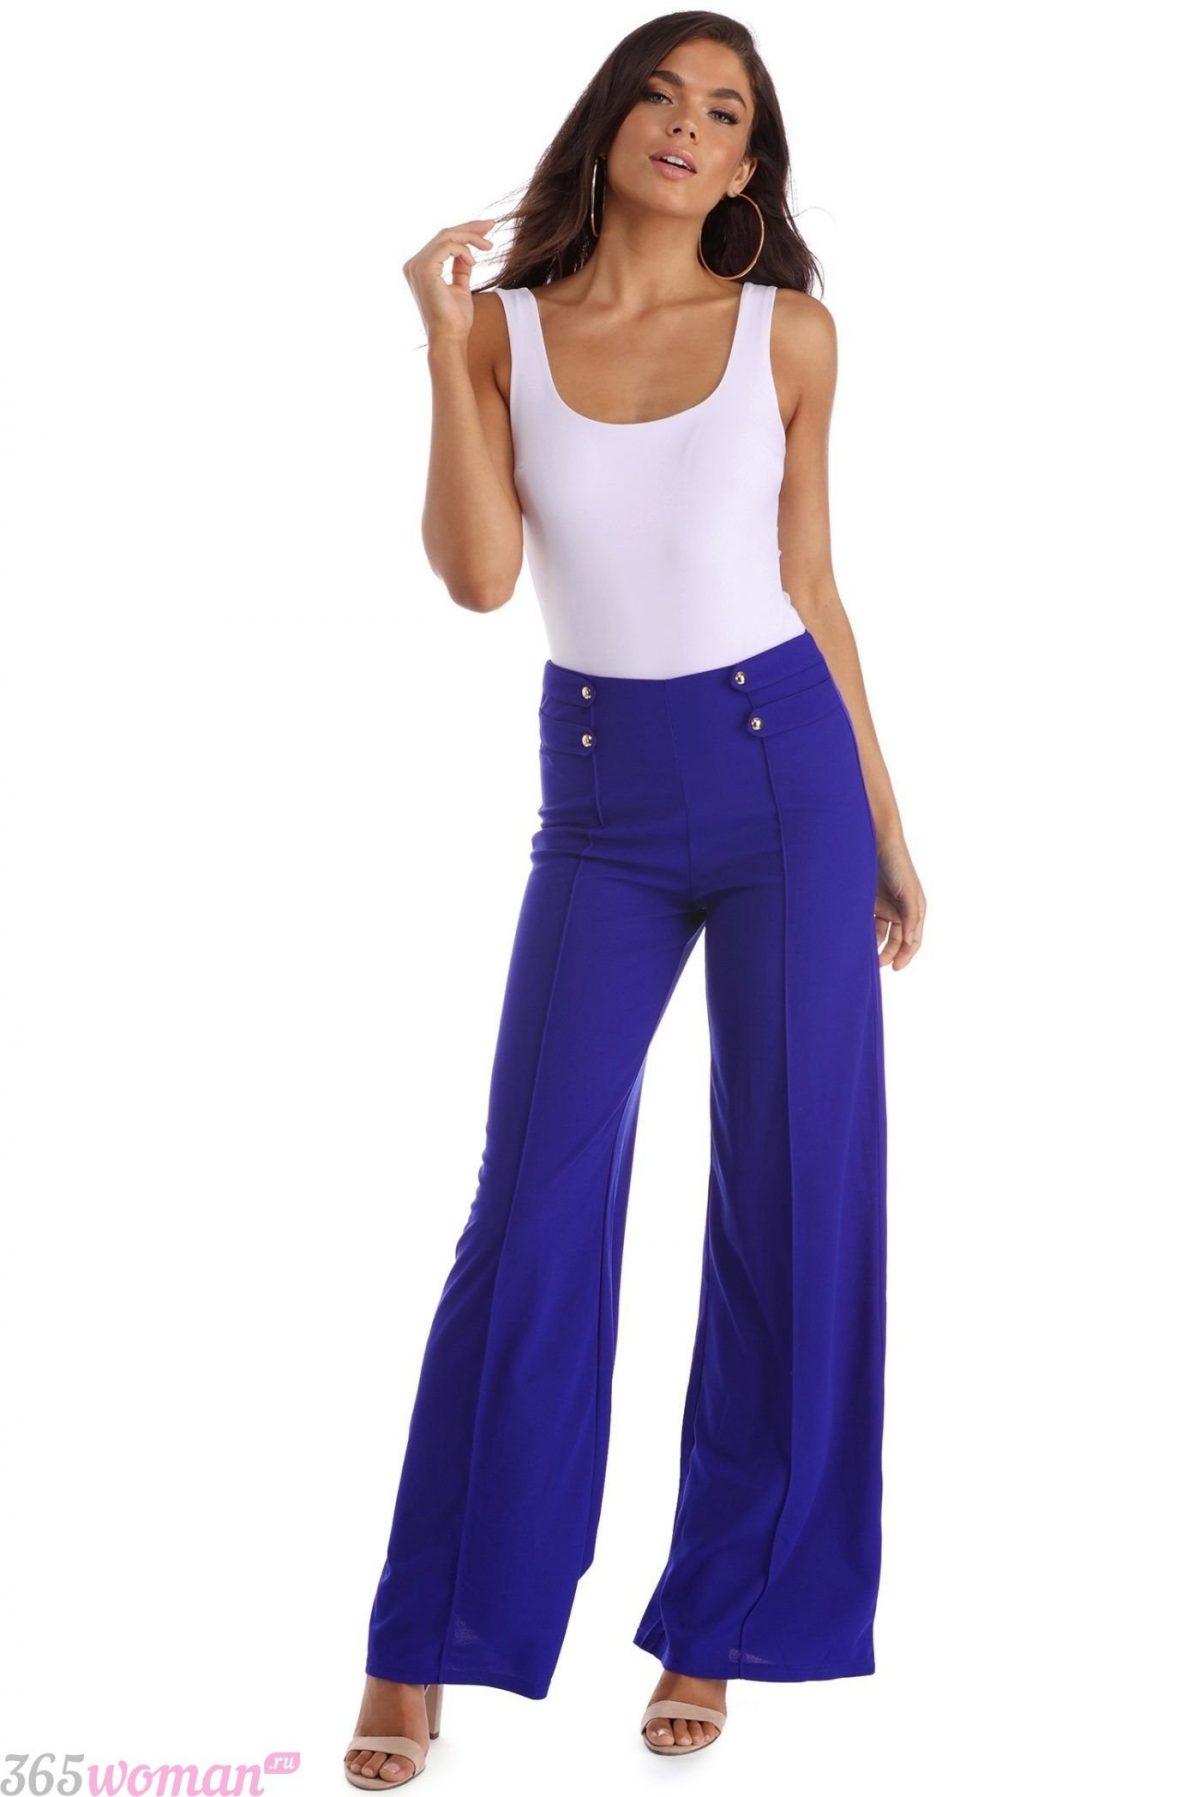 с чем носить ярко синие брюки клеш и белая майка